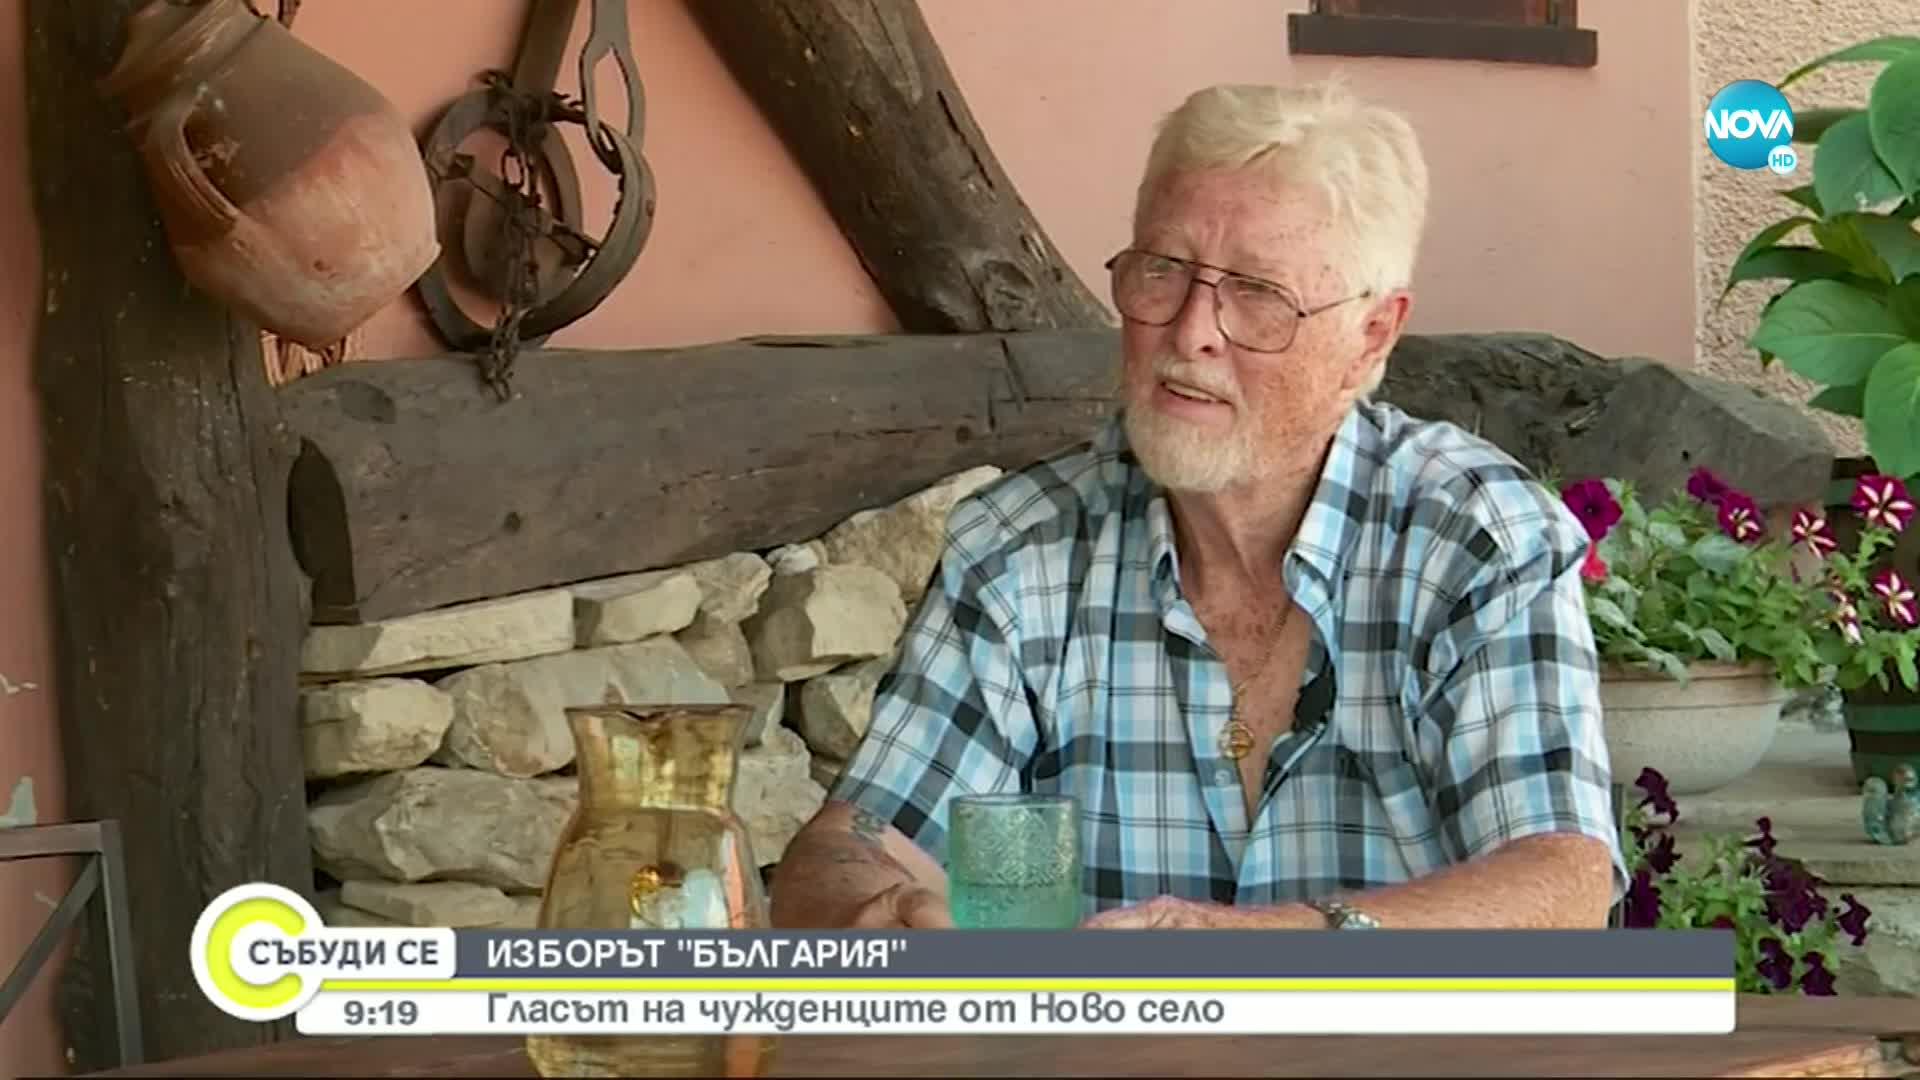 """ИЗБОРЪТ """"БЪЛГАРИЯ"""": Гласът на чужденците от Ново село"""